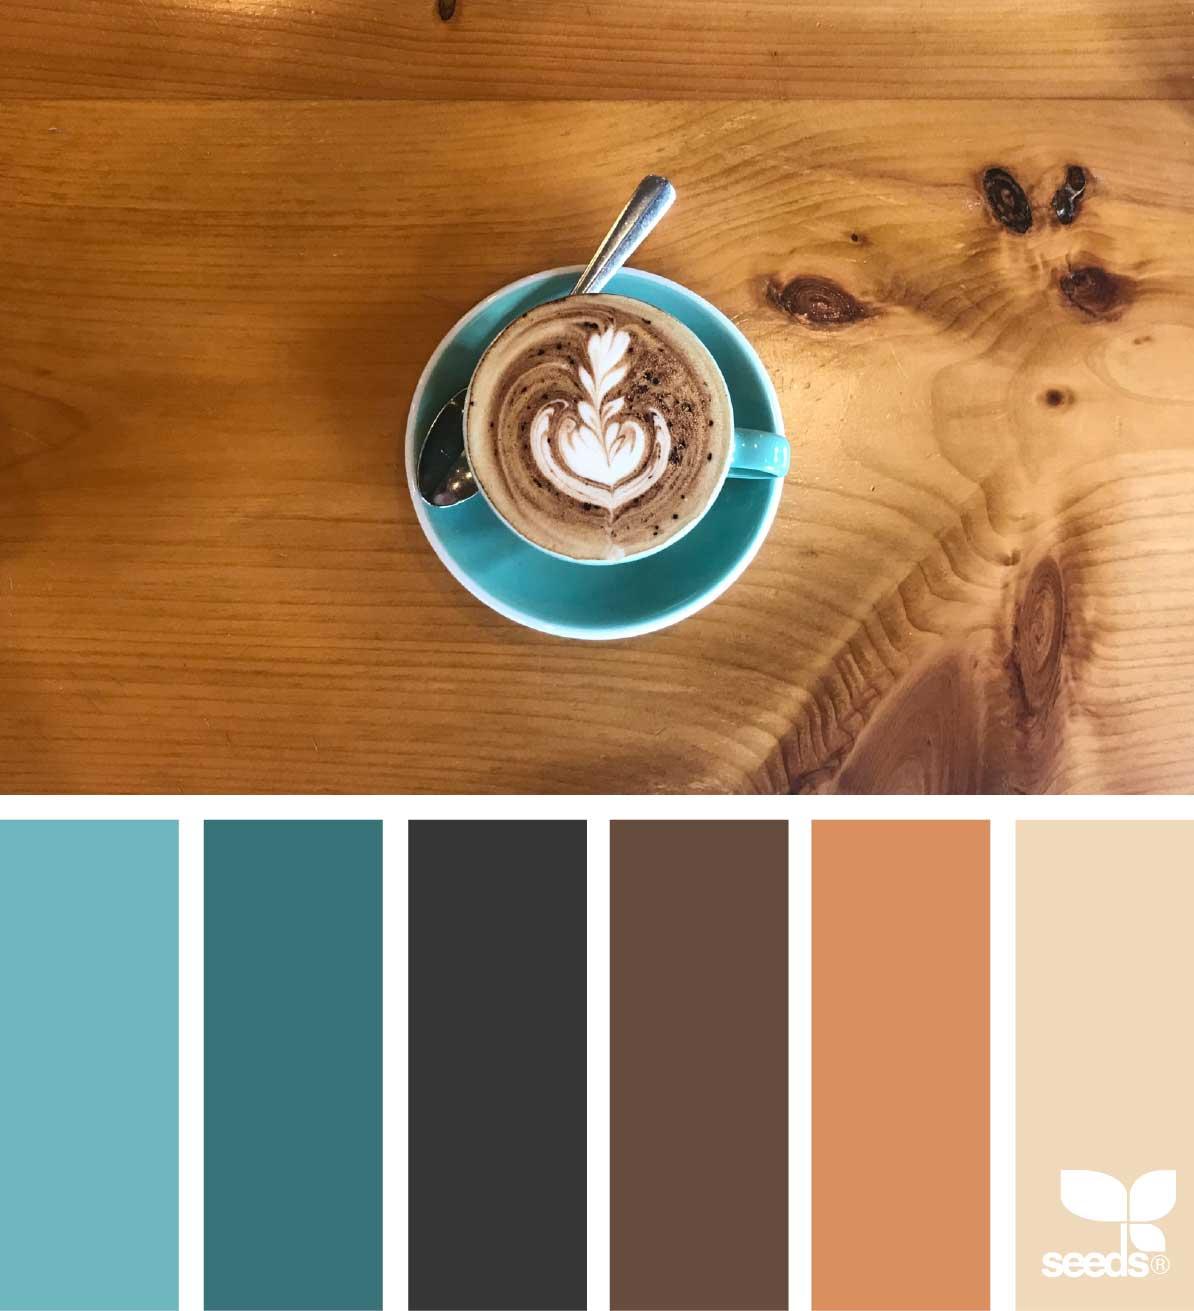 Paleta de Cores para um Café via Design Seeds